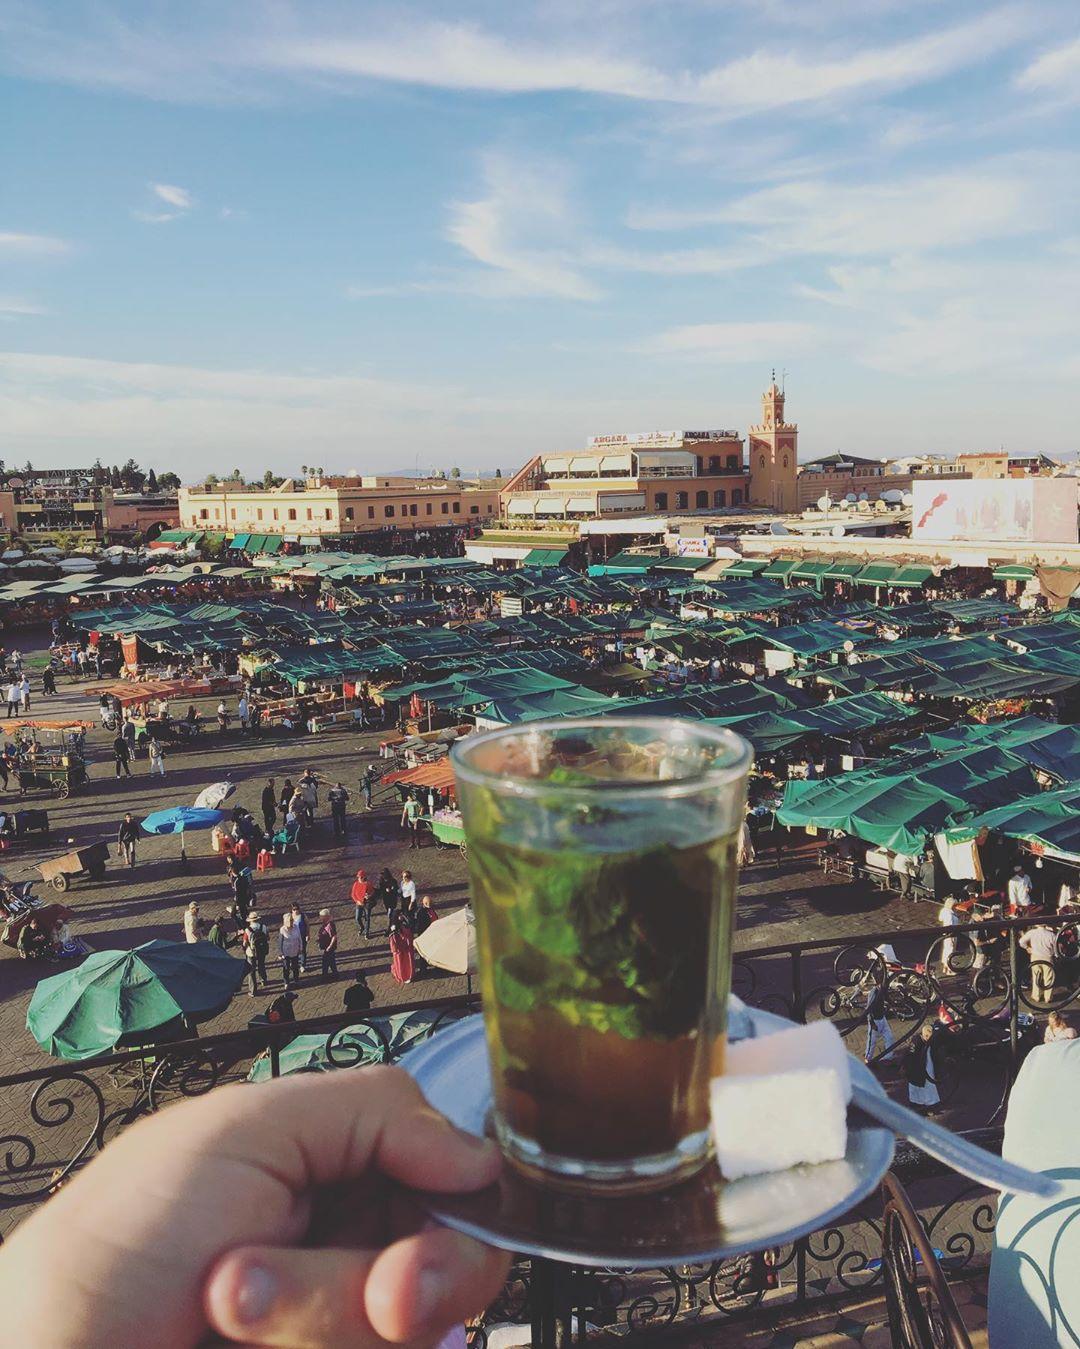 Jma el Fna tea